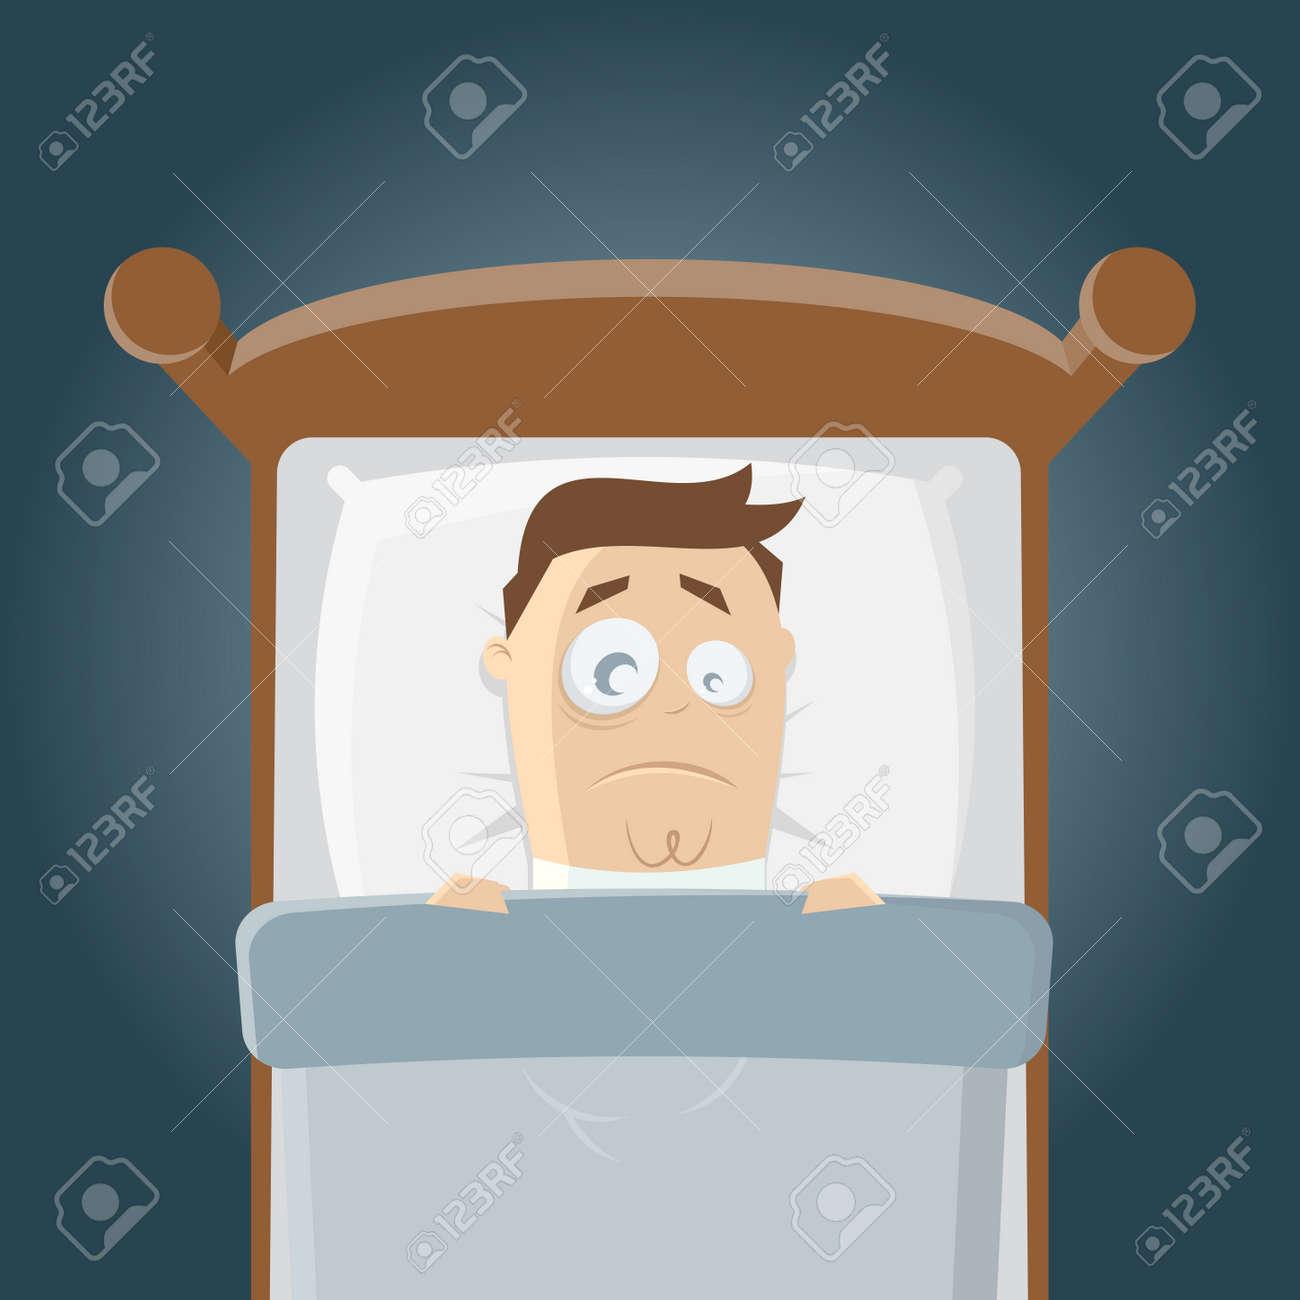 schlaflose Cartoon Mann im Bett Standard-Bild - 38675036